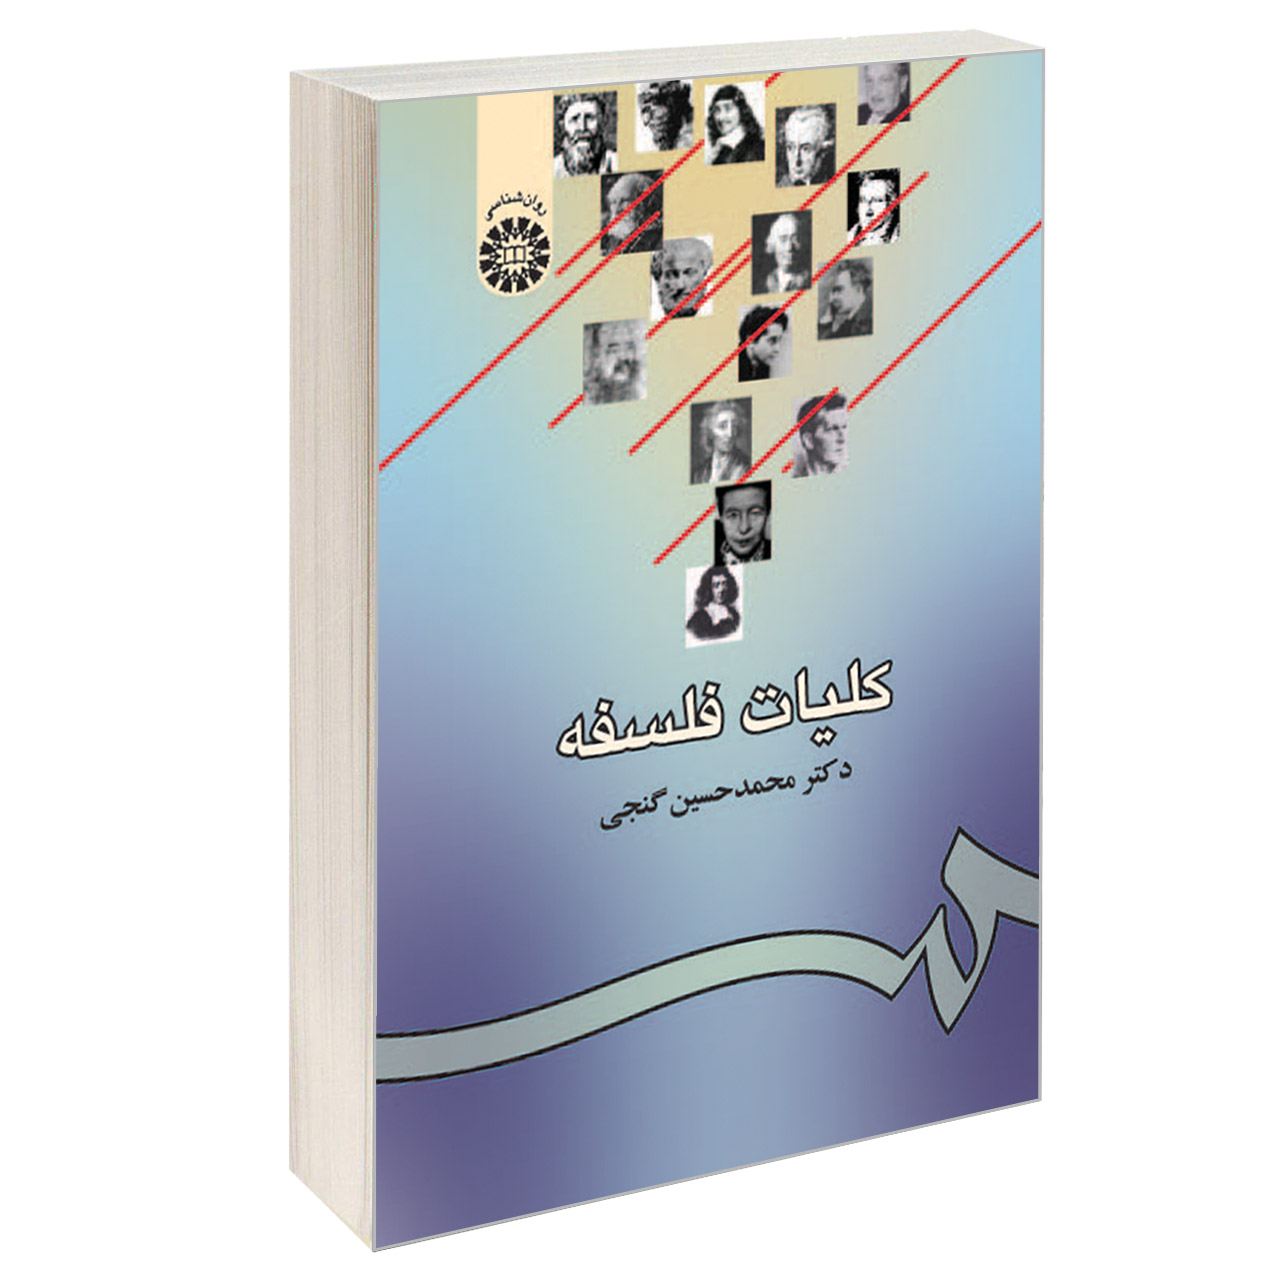 خرید                      کتاب کلیات فلسفه اثر دکتر محمد حسین گنجی نشر سمت